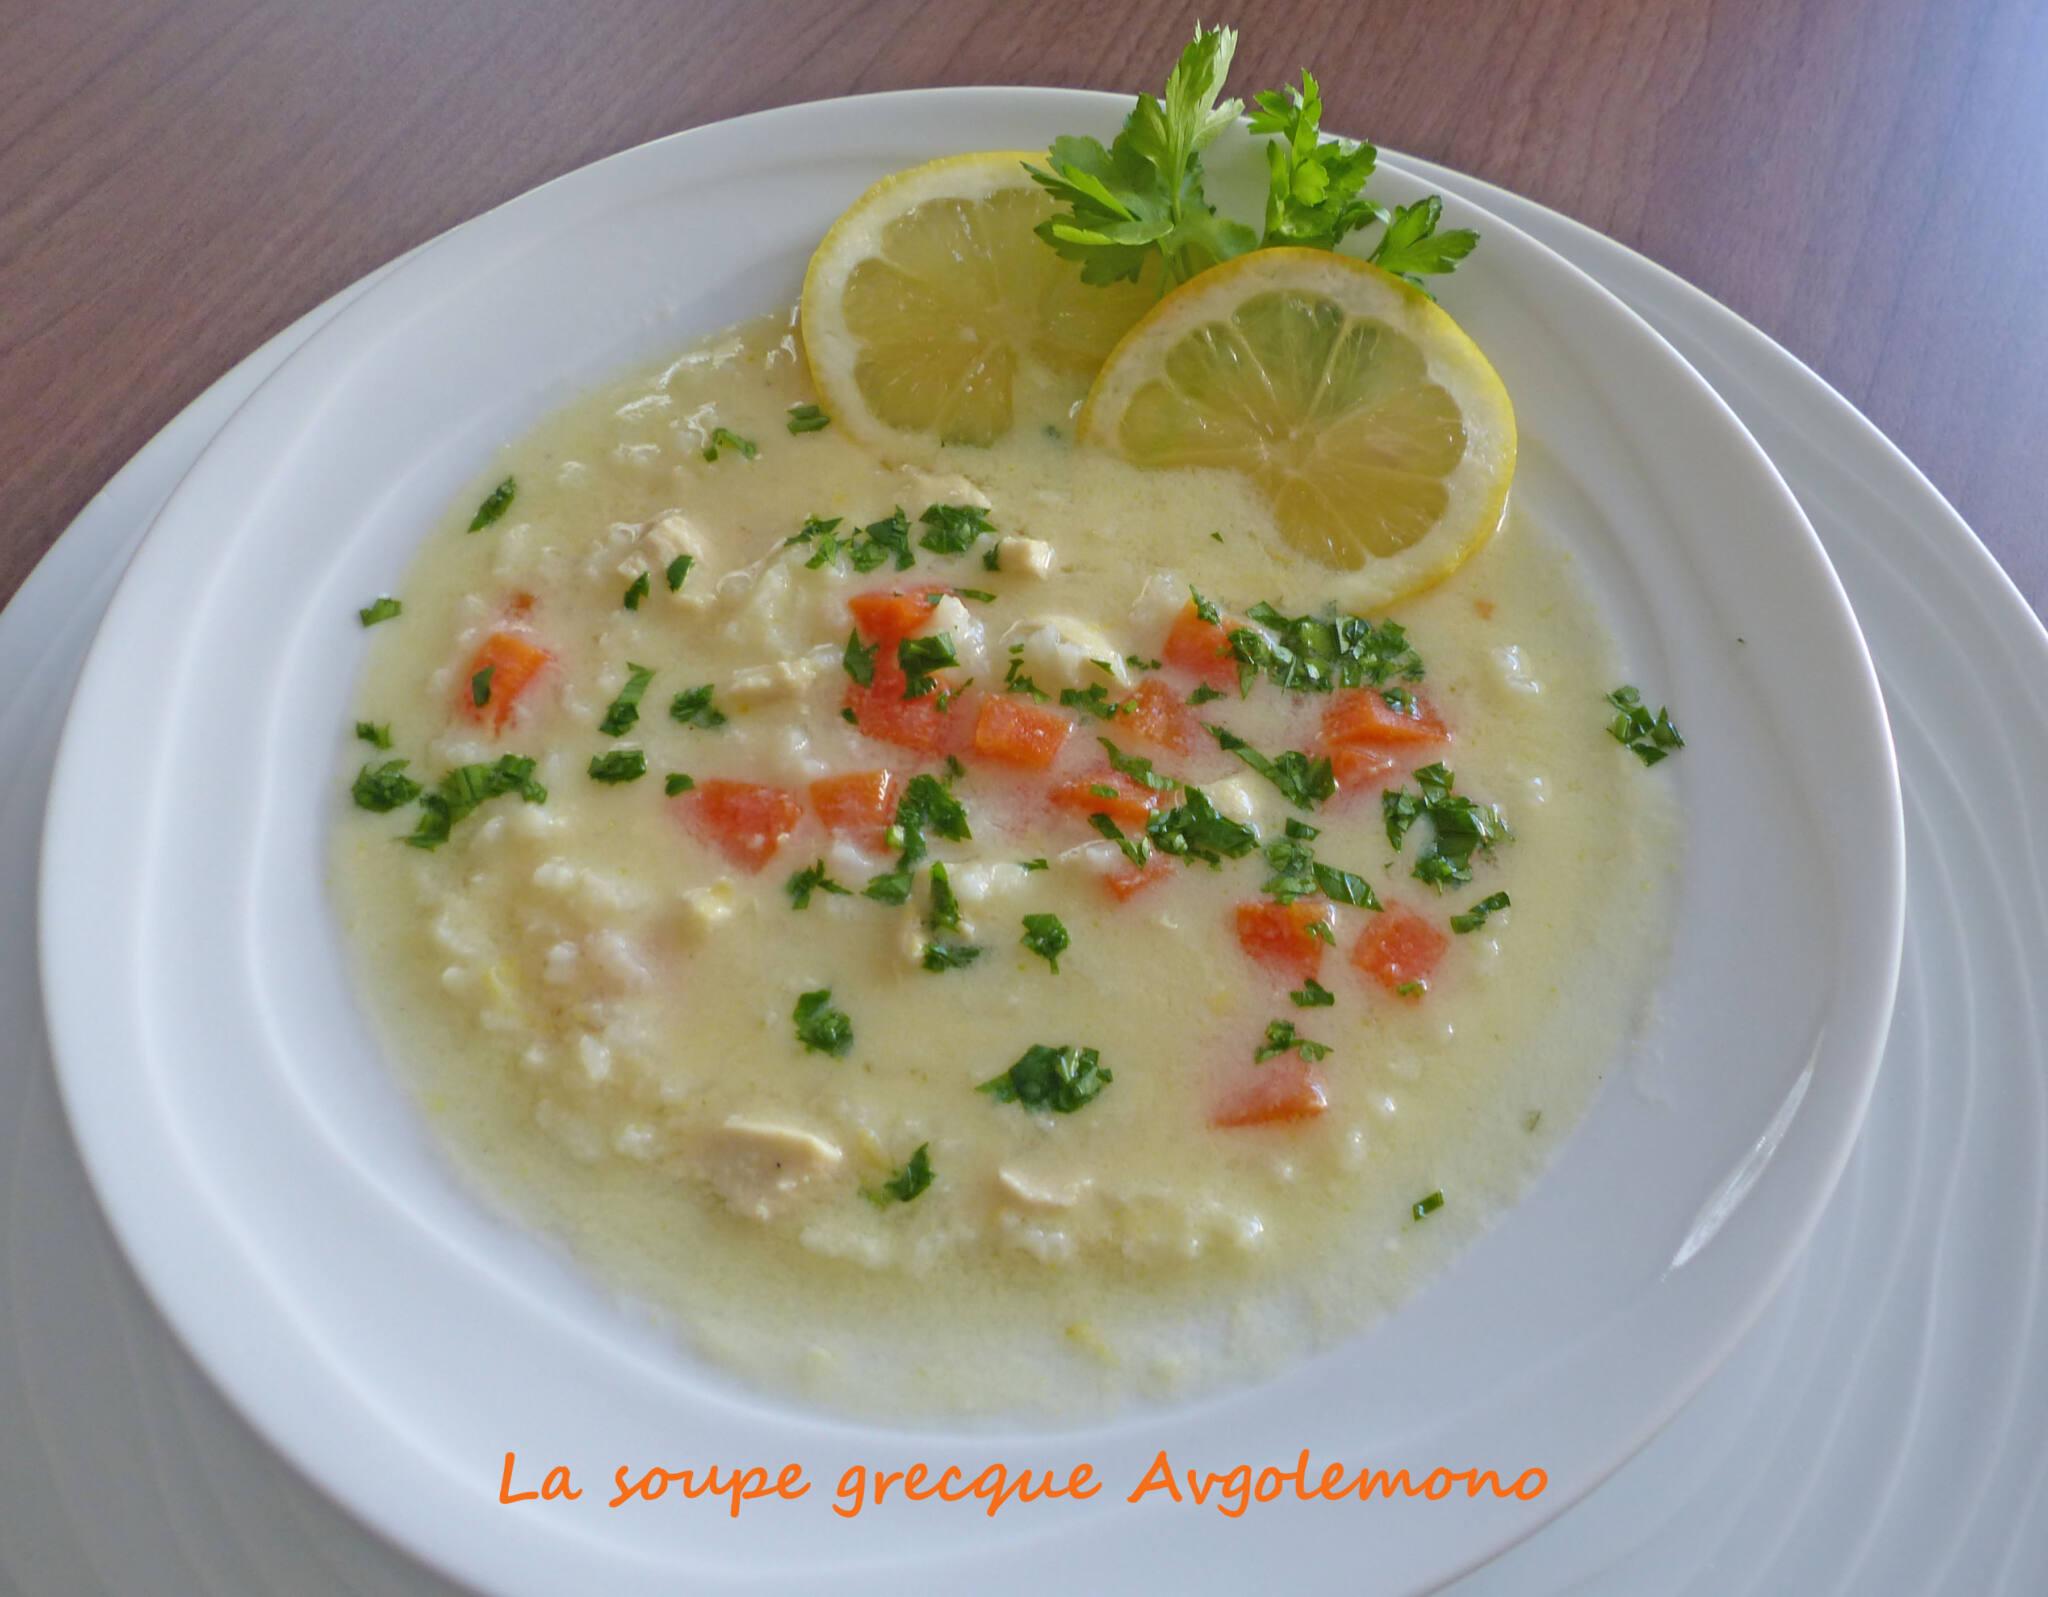 La soupe grecque Avgolemono P1230976 R